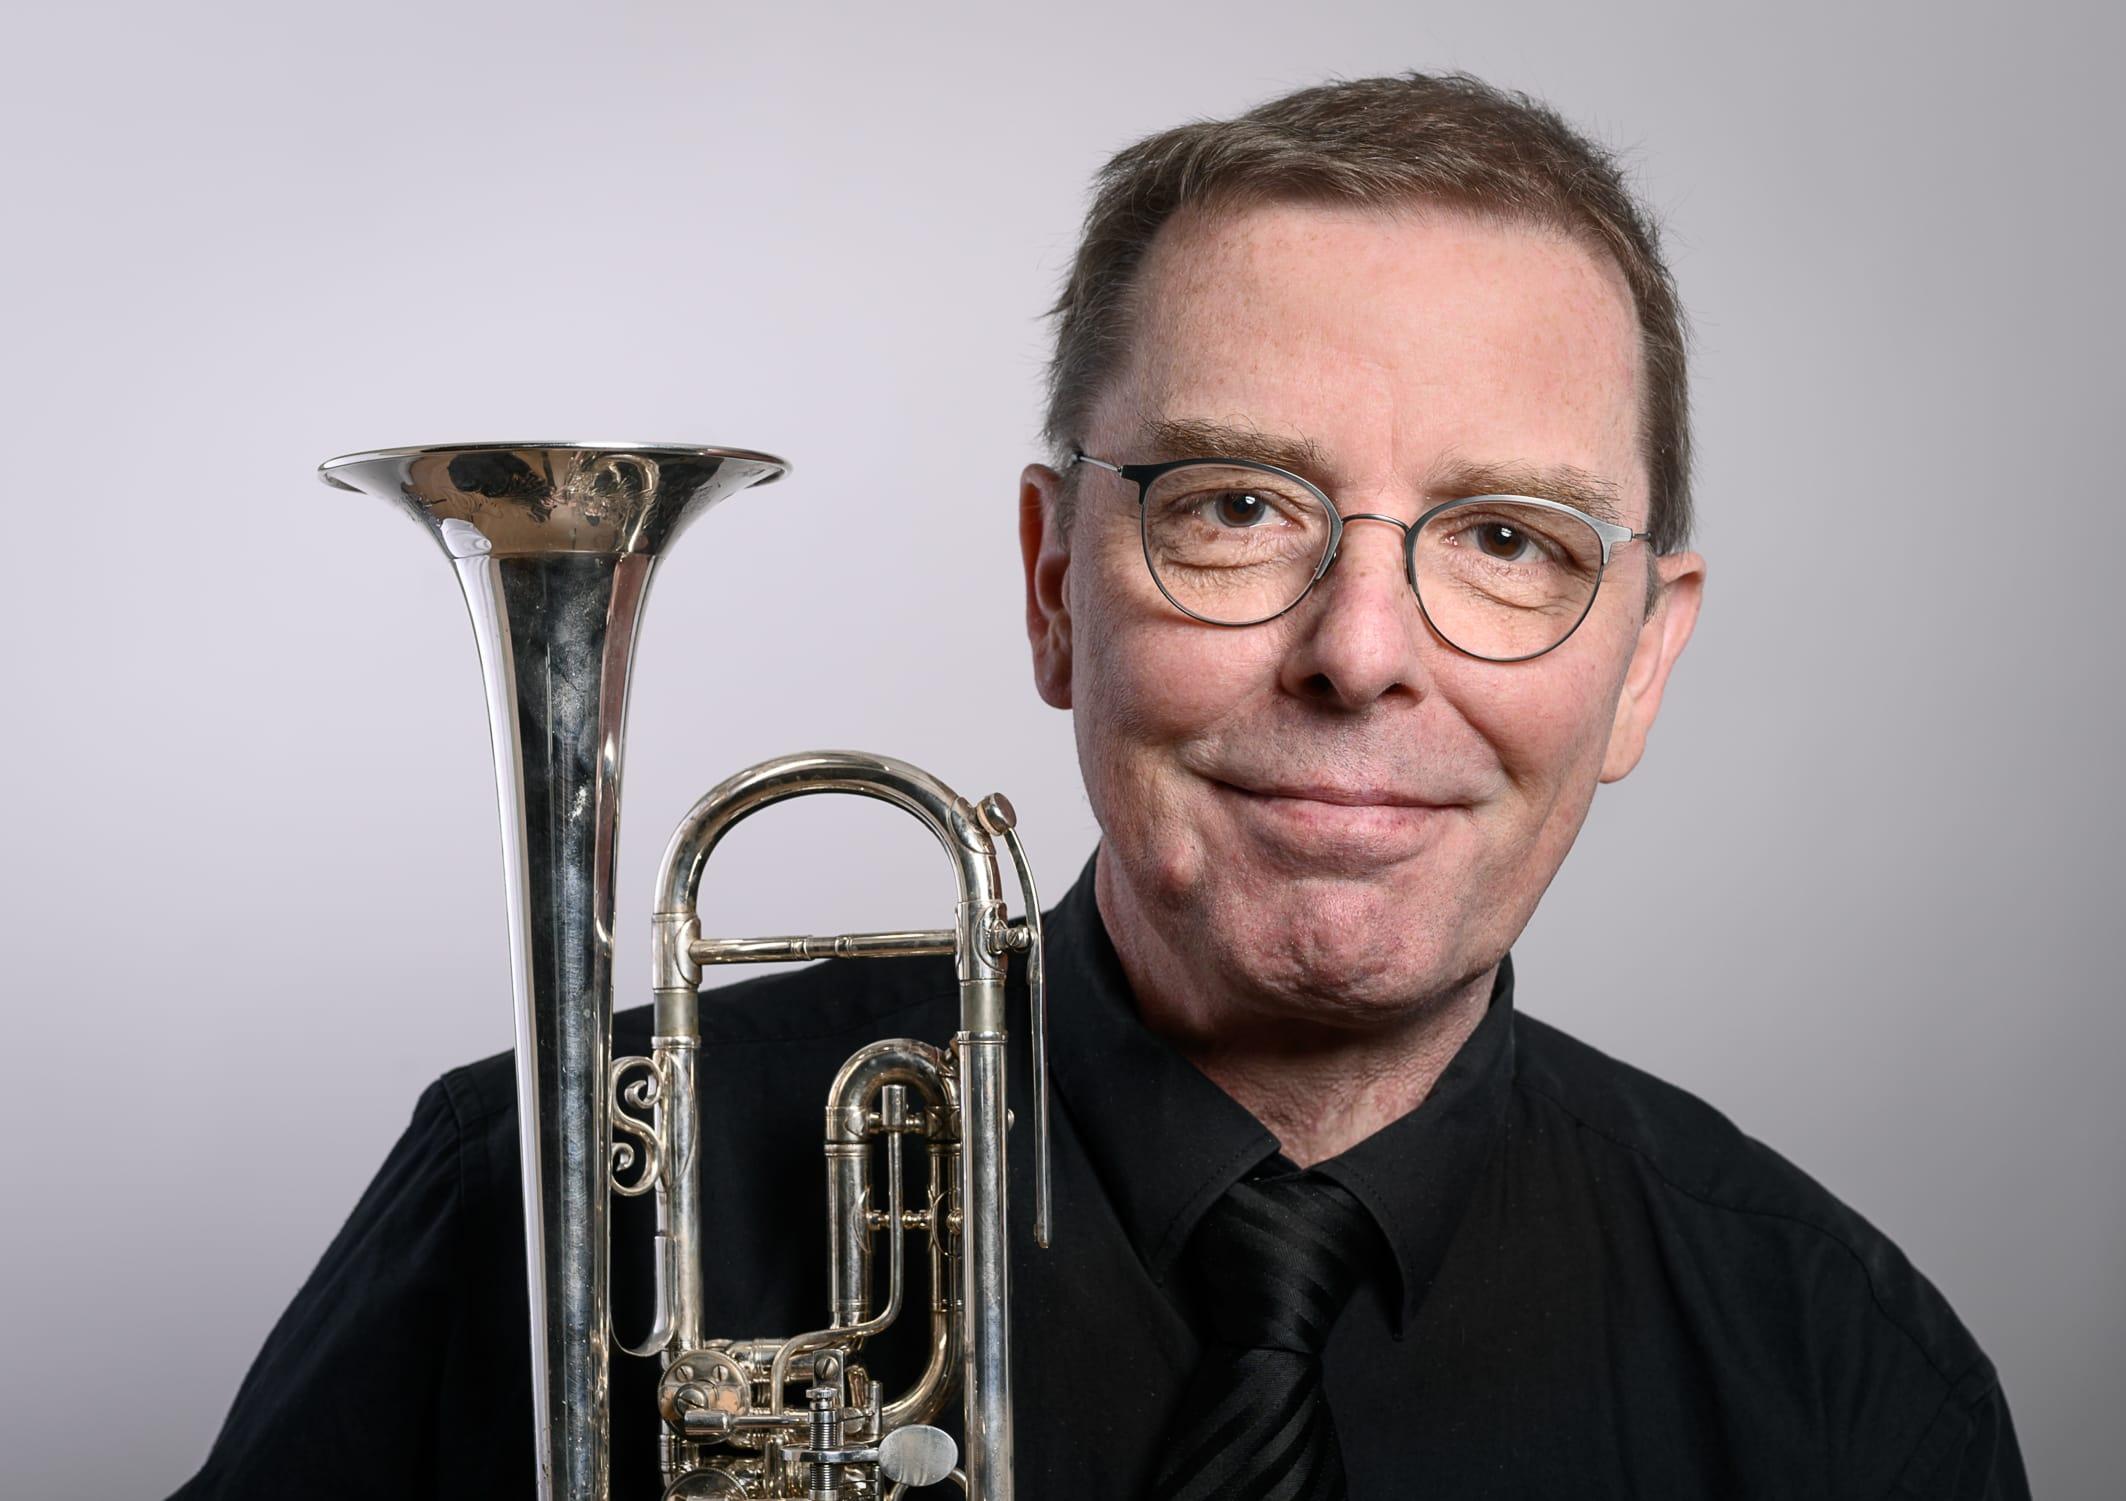 portrait Foto von Uwe Richter